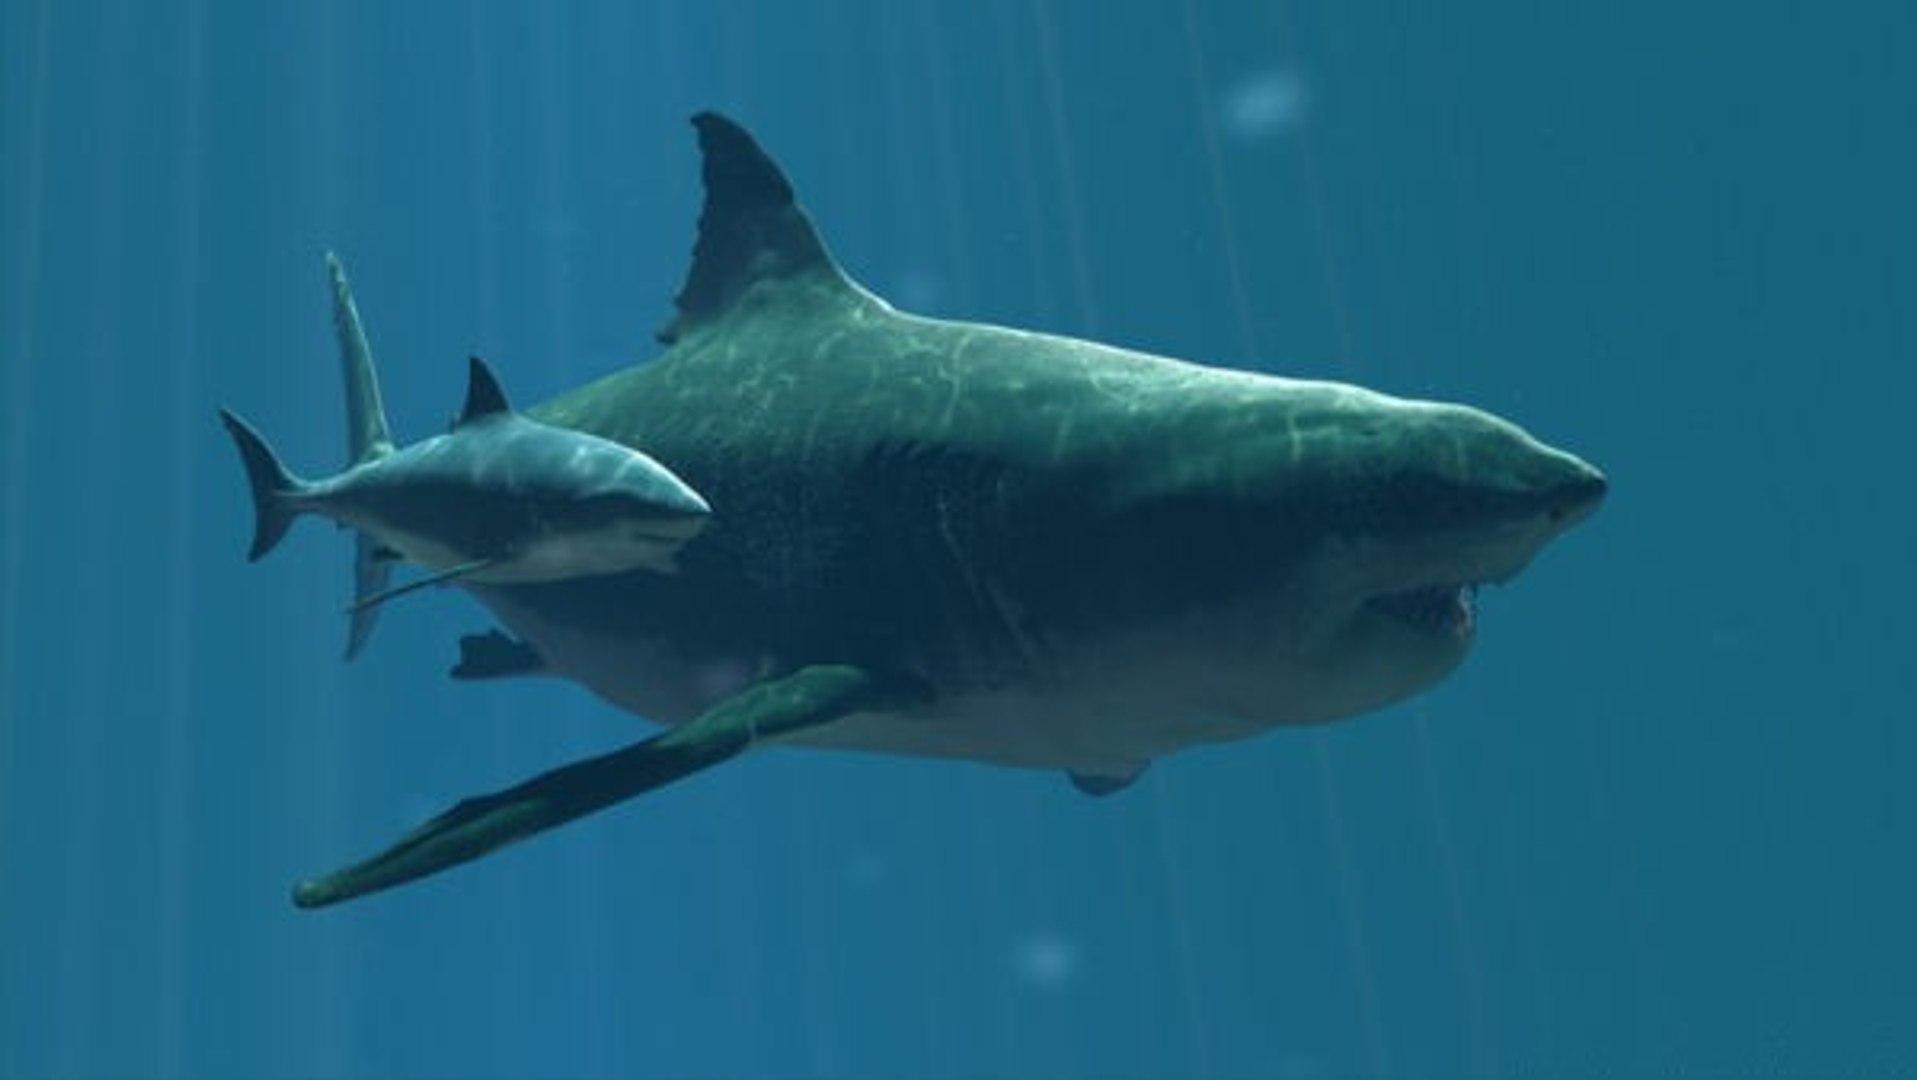 Giant Megalodon - Biggest Shark - Prehistoric Predators Megalodon (Nature  Wildlife Documentary)